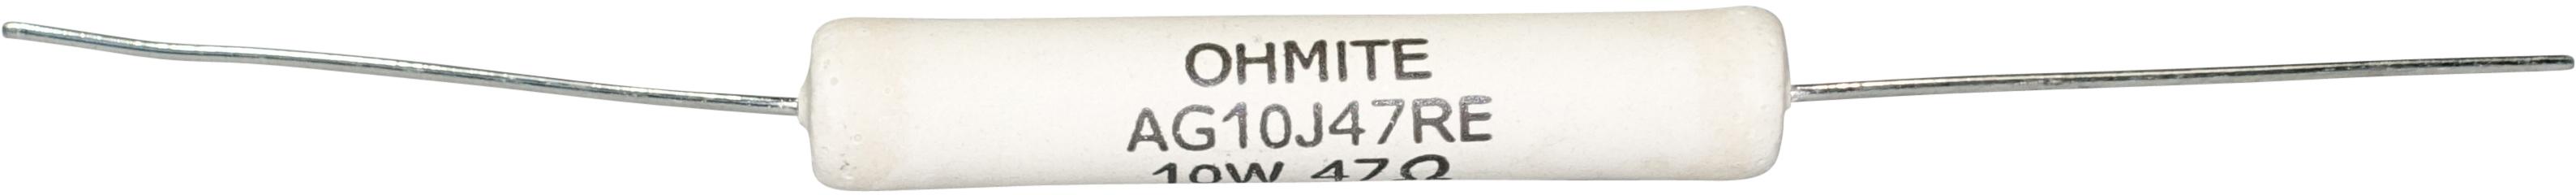 Ohmite Audio Gold 10W - 2,2k